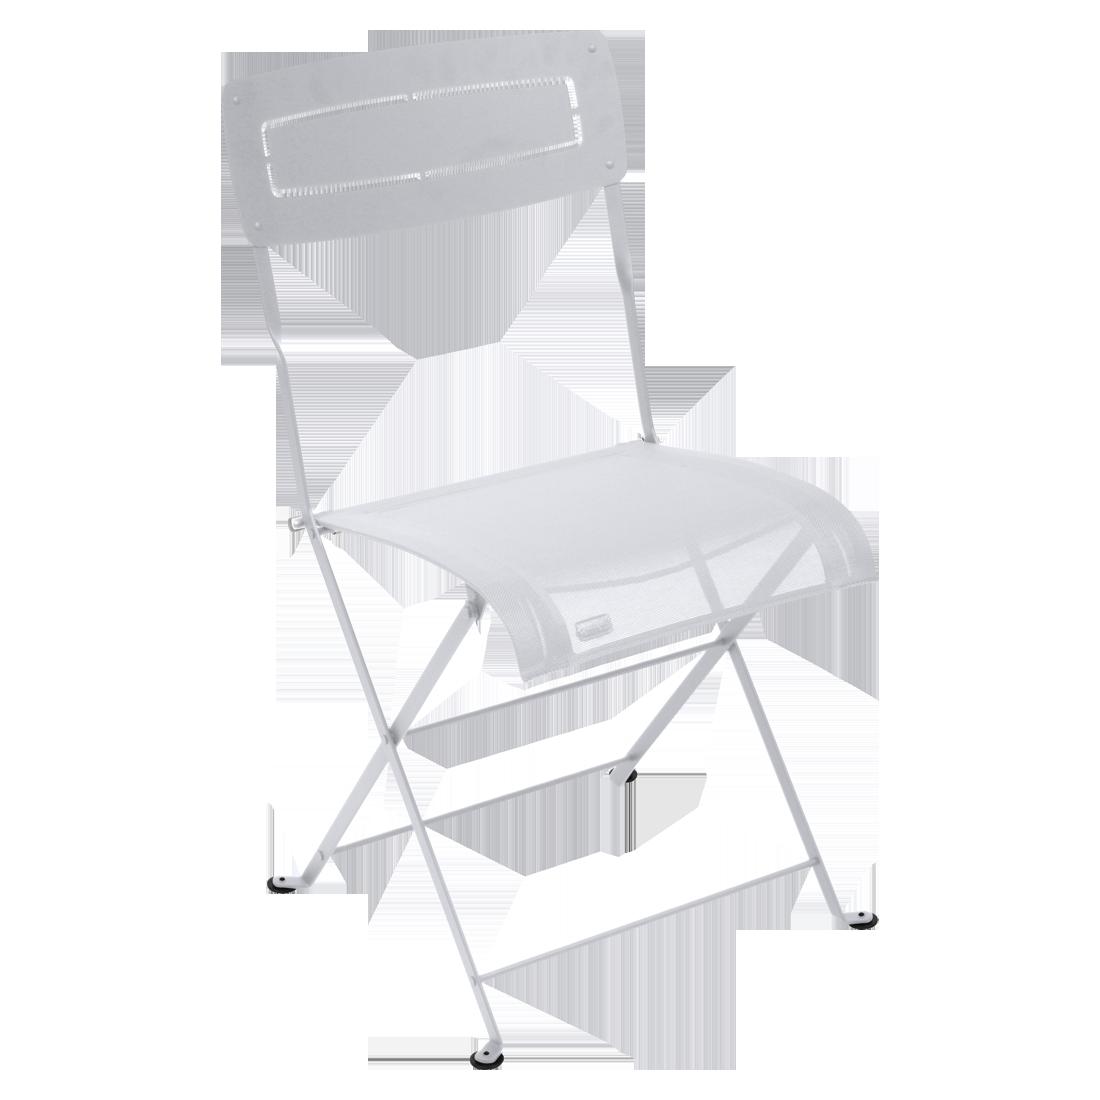 chaise pliante, chaise en toile, chaise pliante en toile, chaise pliante fermob, chaise pliante blanche